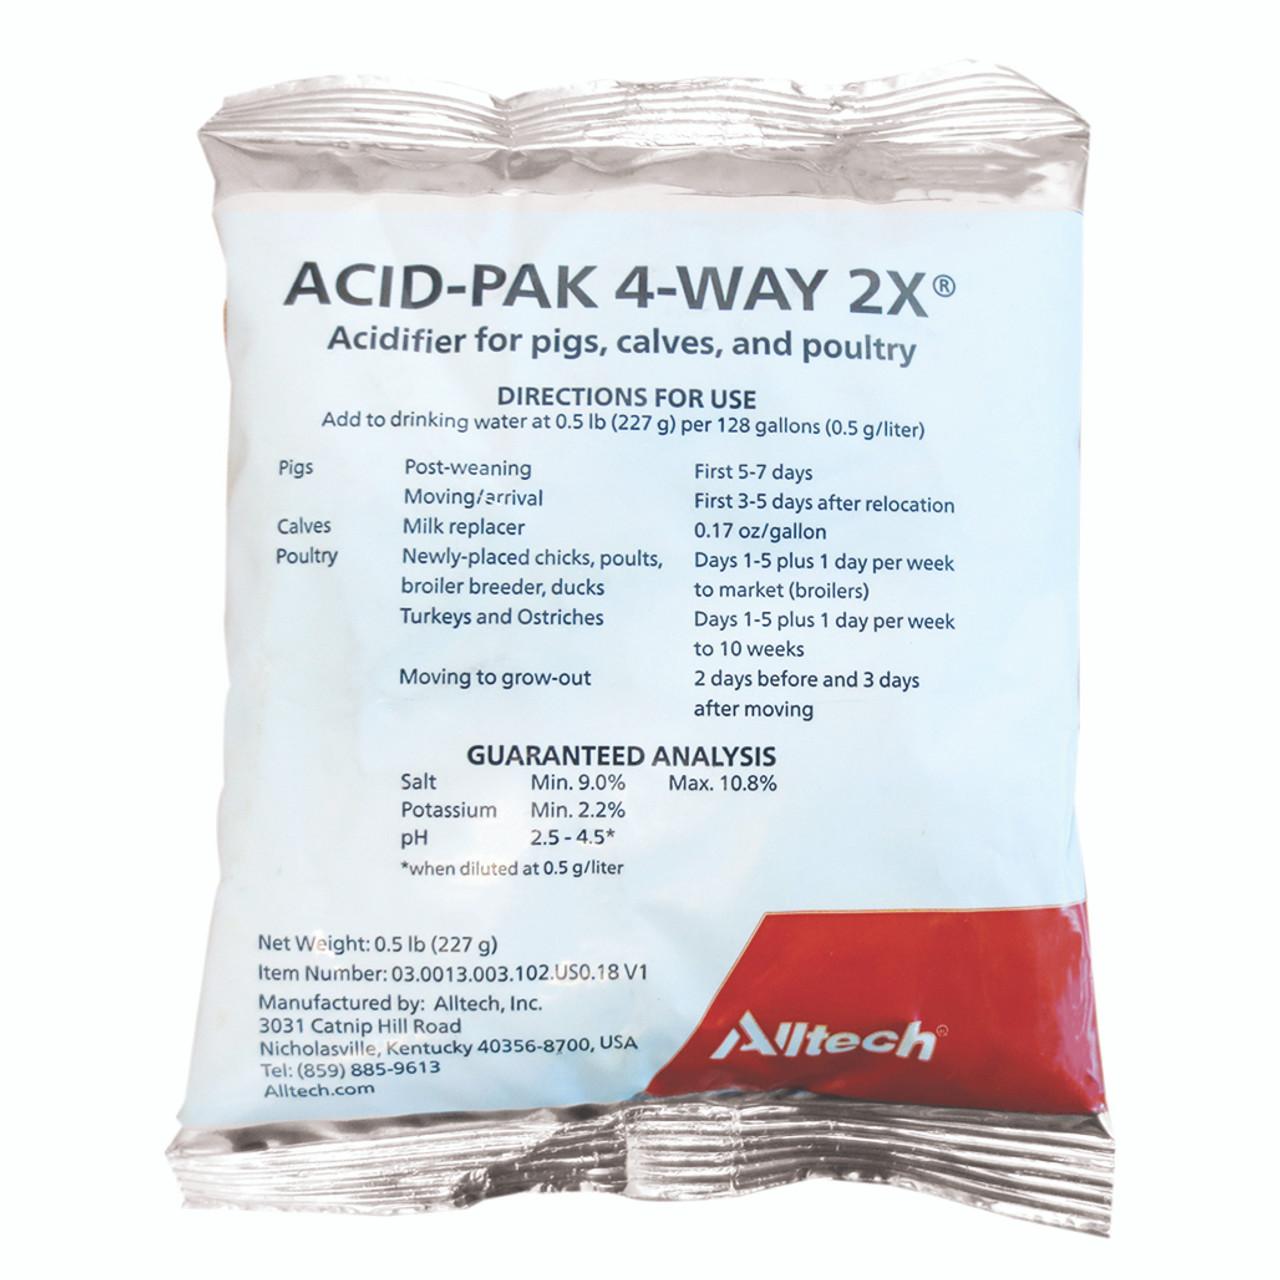 ACID-PAK 4 WAY 2X